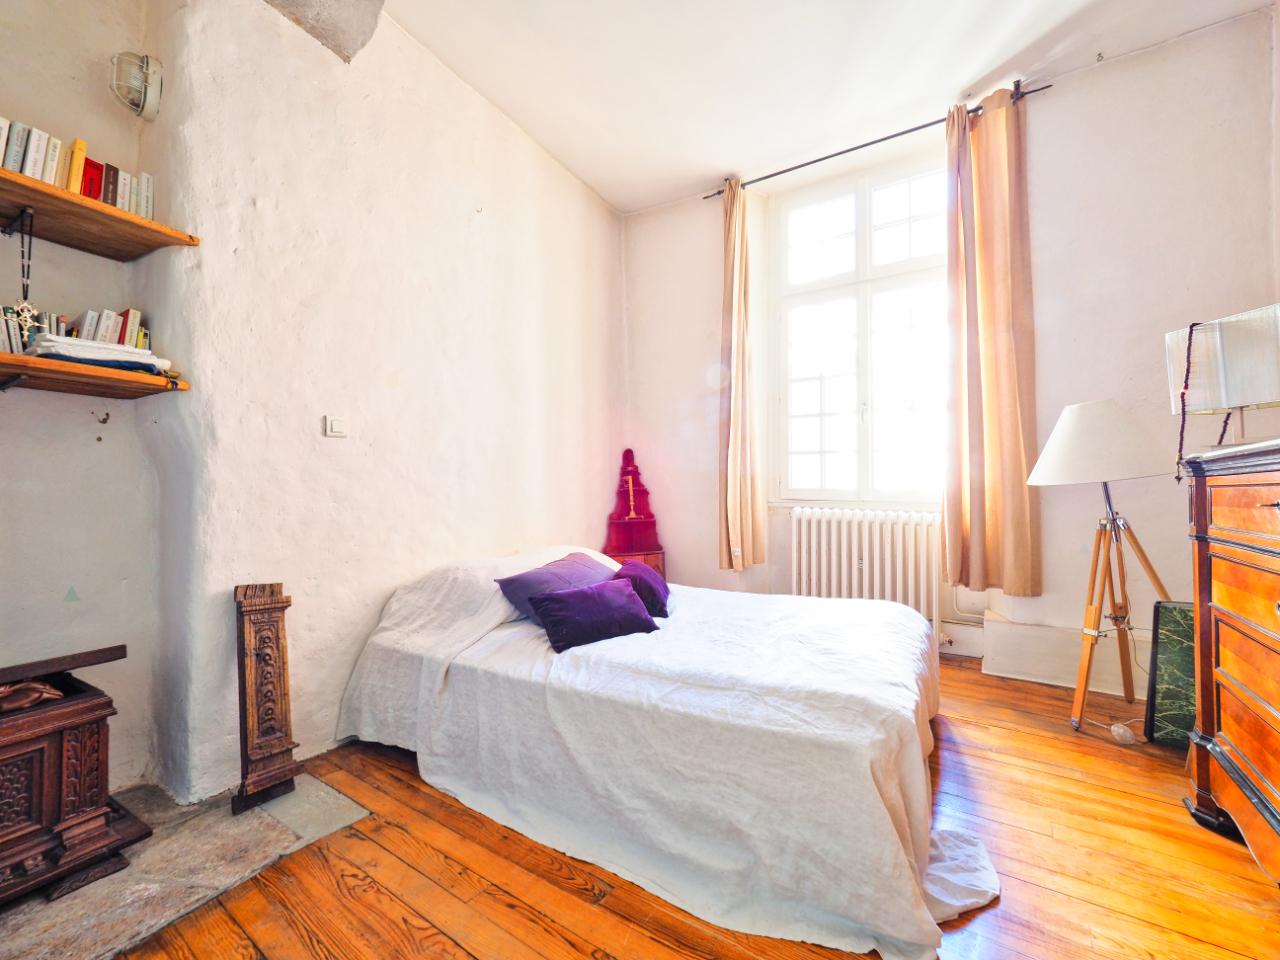 Vente appartement T4  à CIBOURE - 3